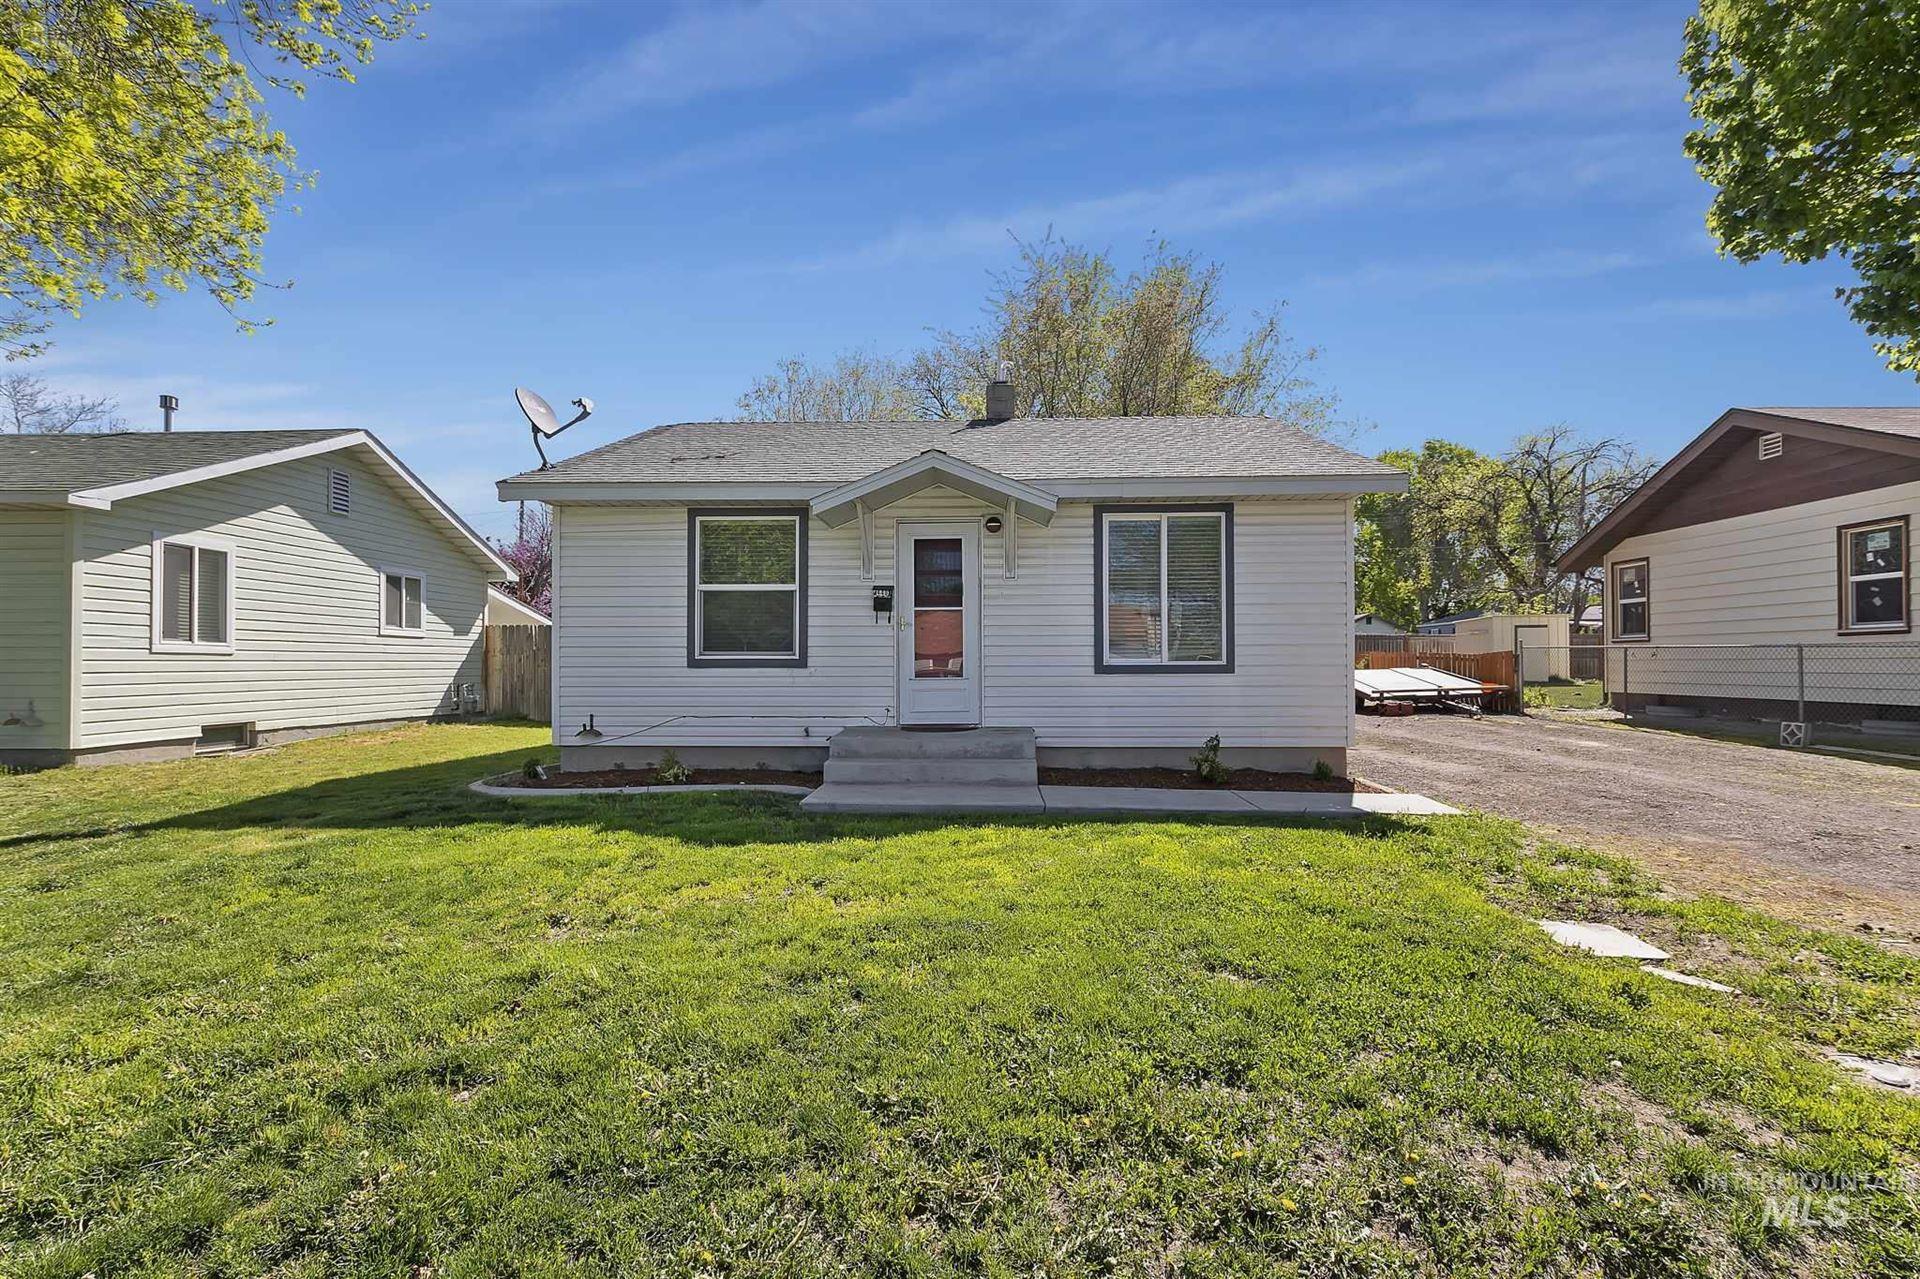 Photo of 440 Taylor Street #Lot 12 (9-10-17SE), Twin Falls, ID 83301 (MLS # 98767833)